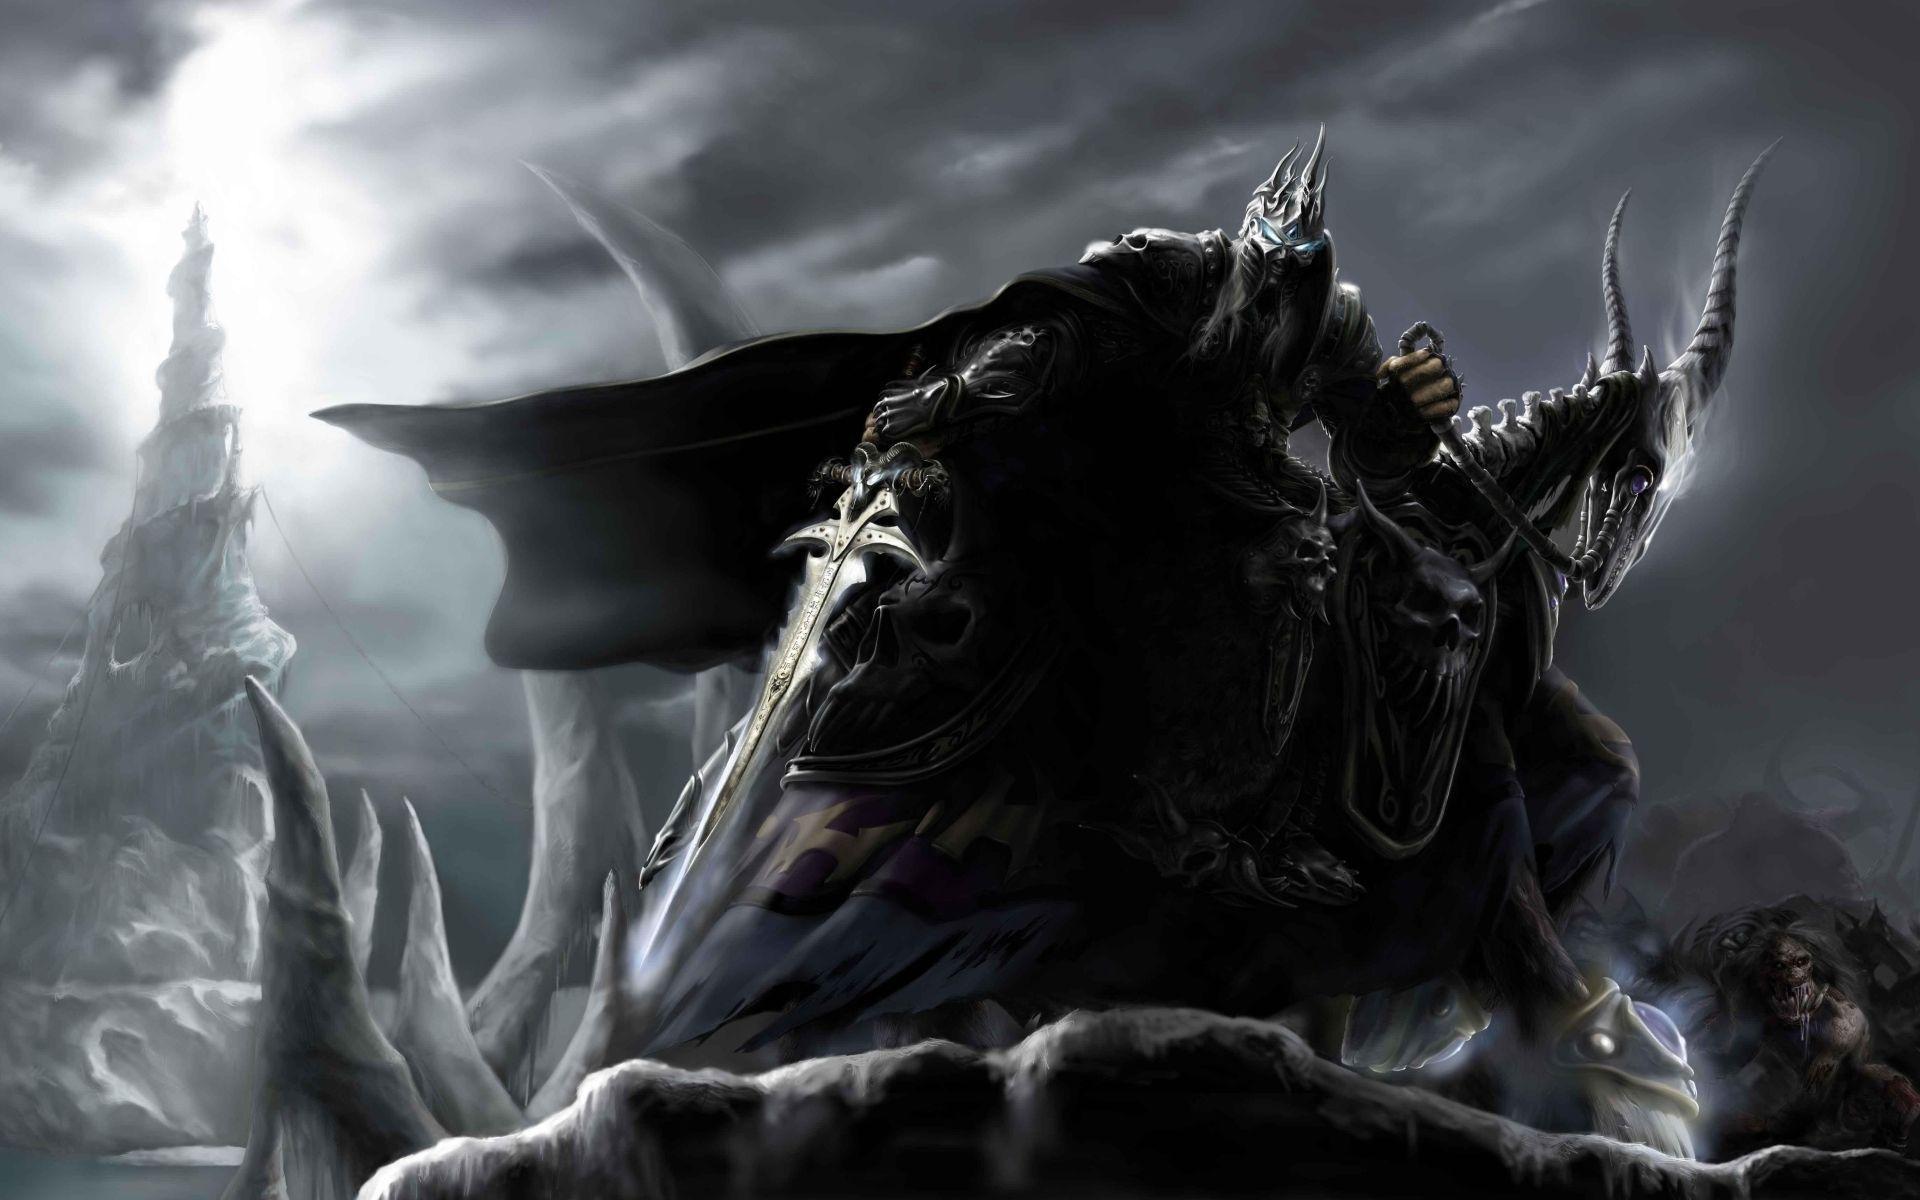 Warcraft 3 Wallpapers Wallpaper Cave Fondos De Pantalla